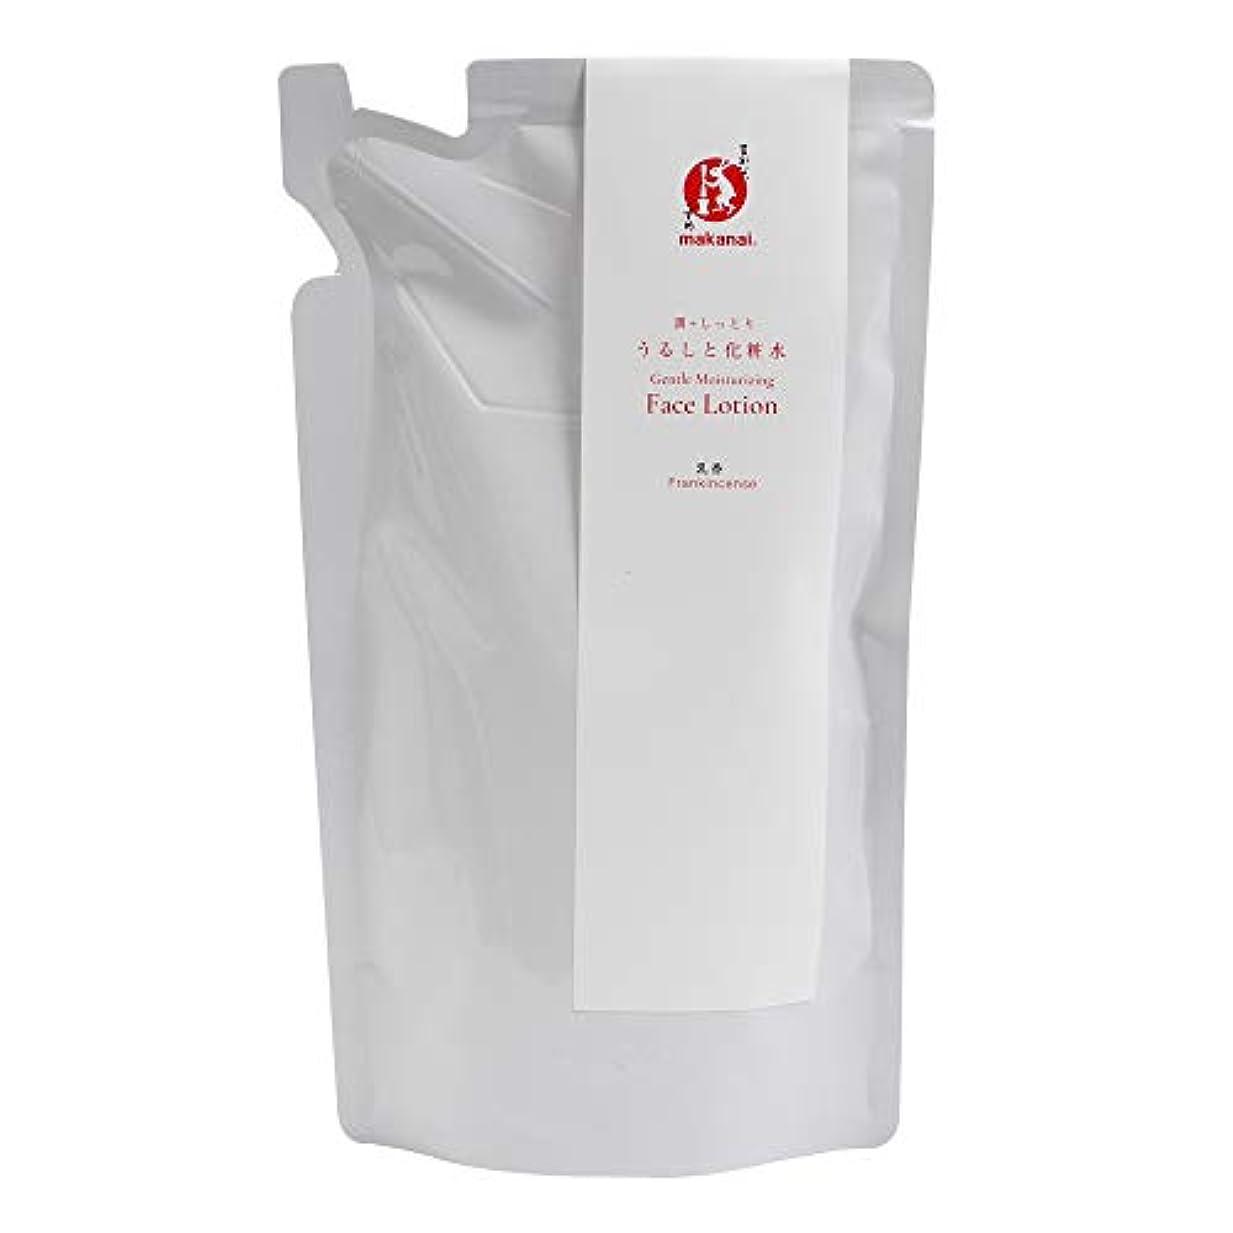 風変わりな請求ウォルターカニンガムまかないこすめ うるしと化粧水(詰め替え用) 150ml